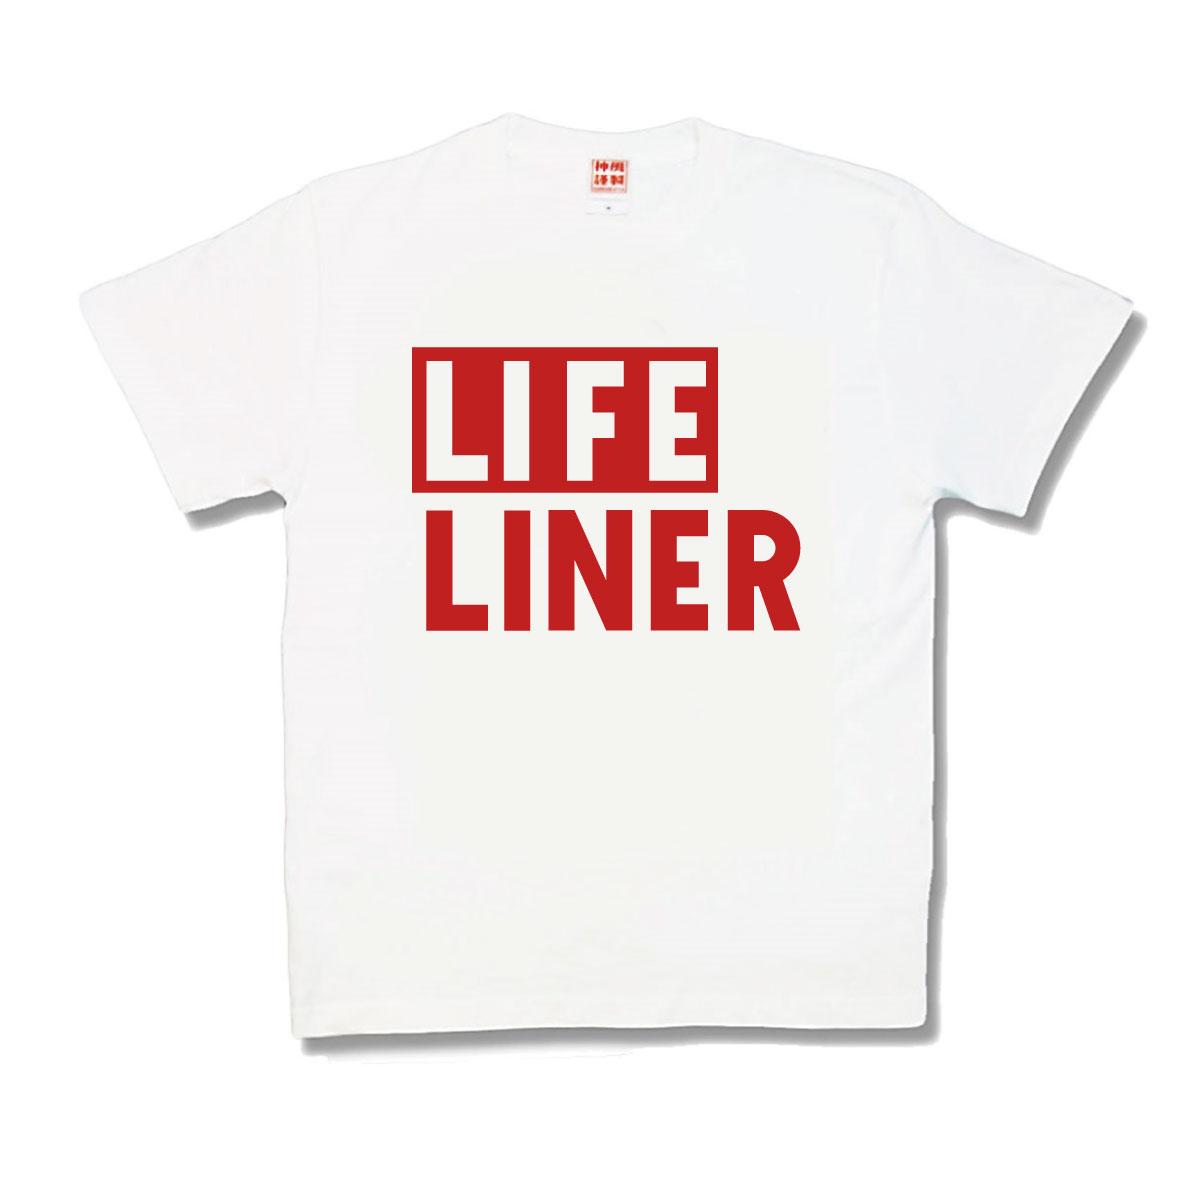 これを着たらキミも立派なライフライナー Twitterであーやにリプライせよ 18%OFF 国内送料無料 ライフライナー おもしろTシャツ